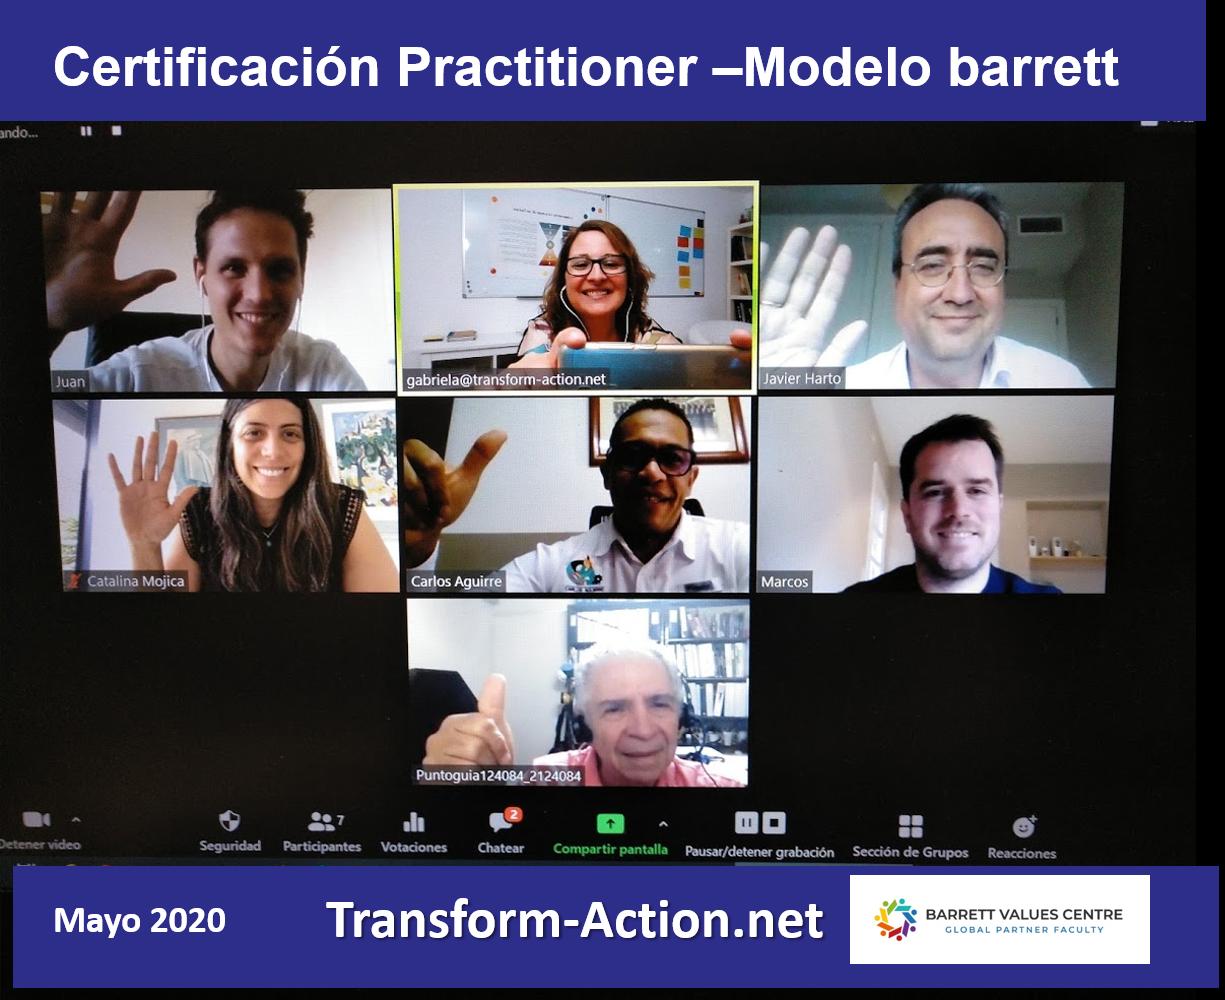 Más Certificados en el Modelo Barrett y en diagnósticos de Cultura